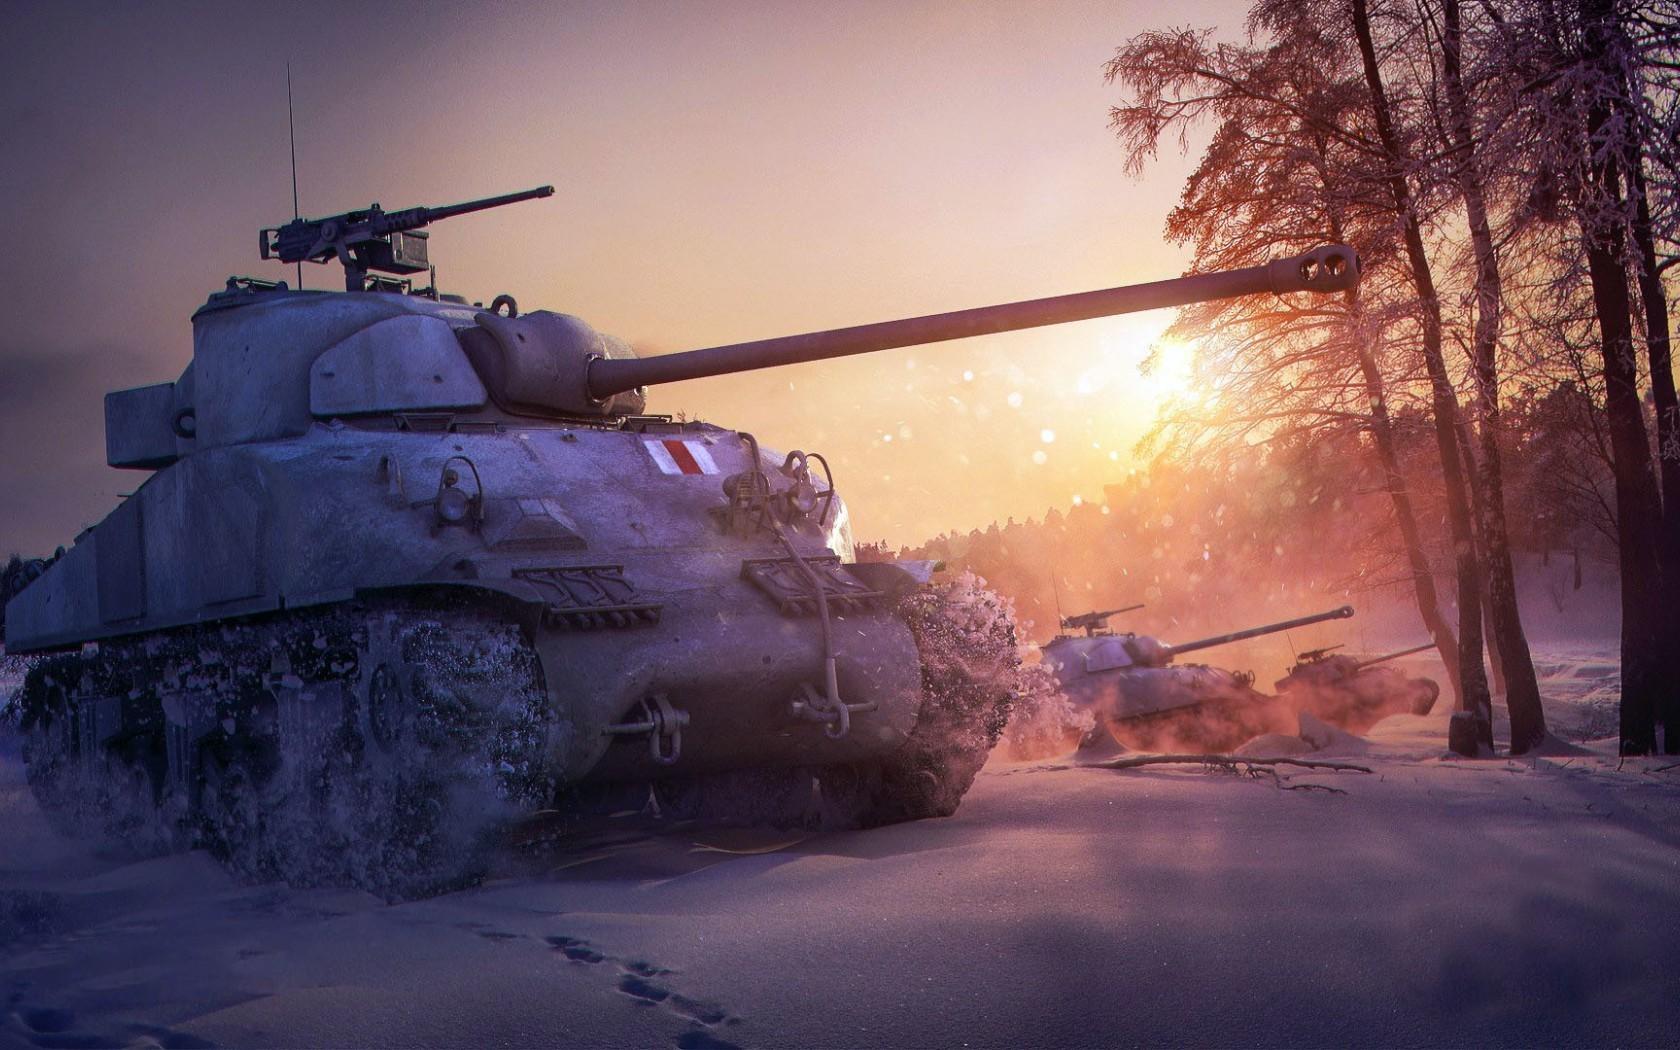 обои на рабочий стол ворлд оф танк с большим разрешением № 2219 бесплатно